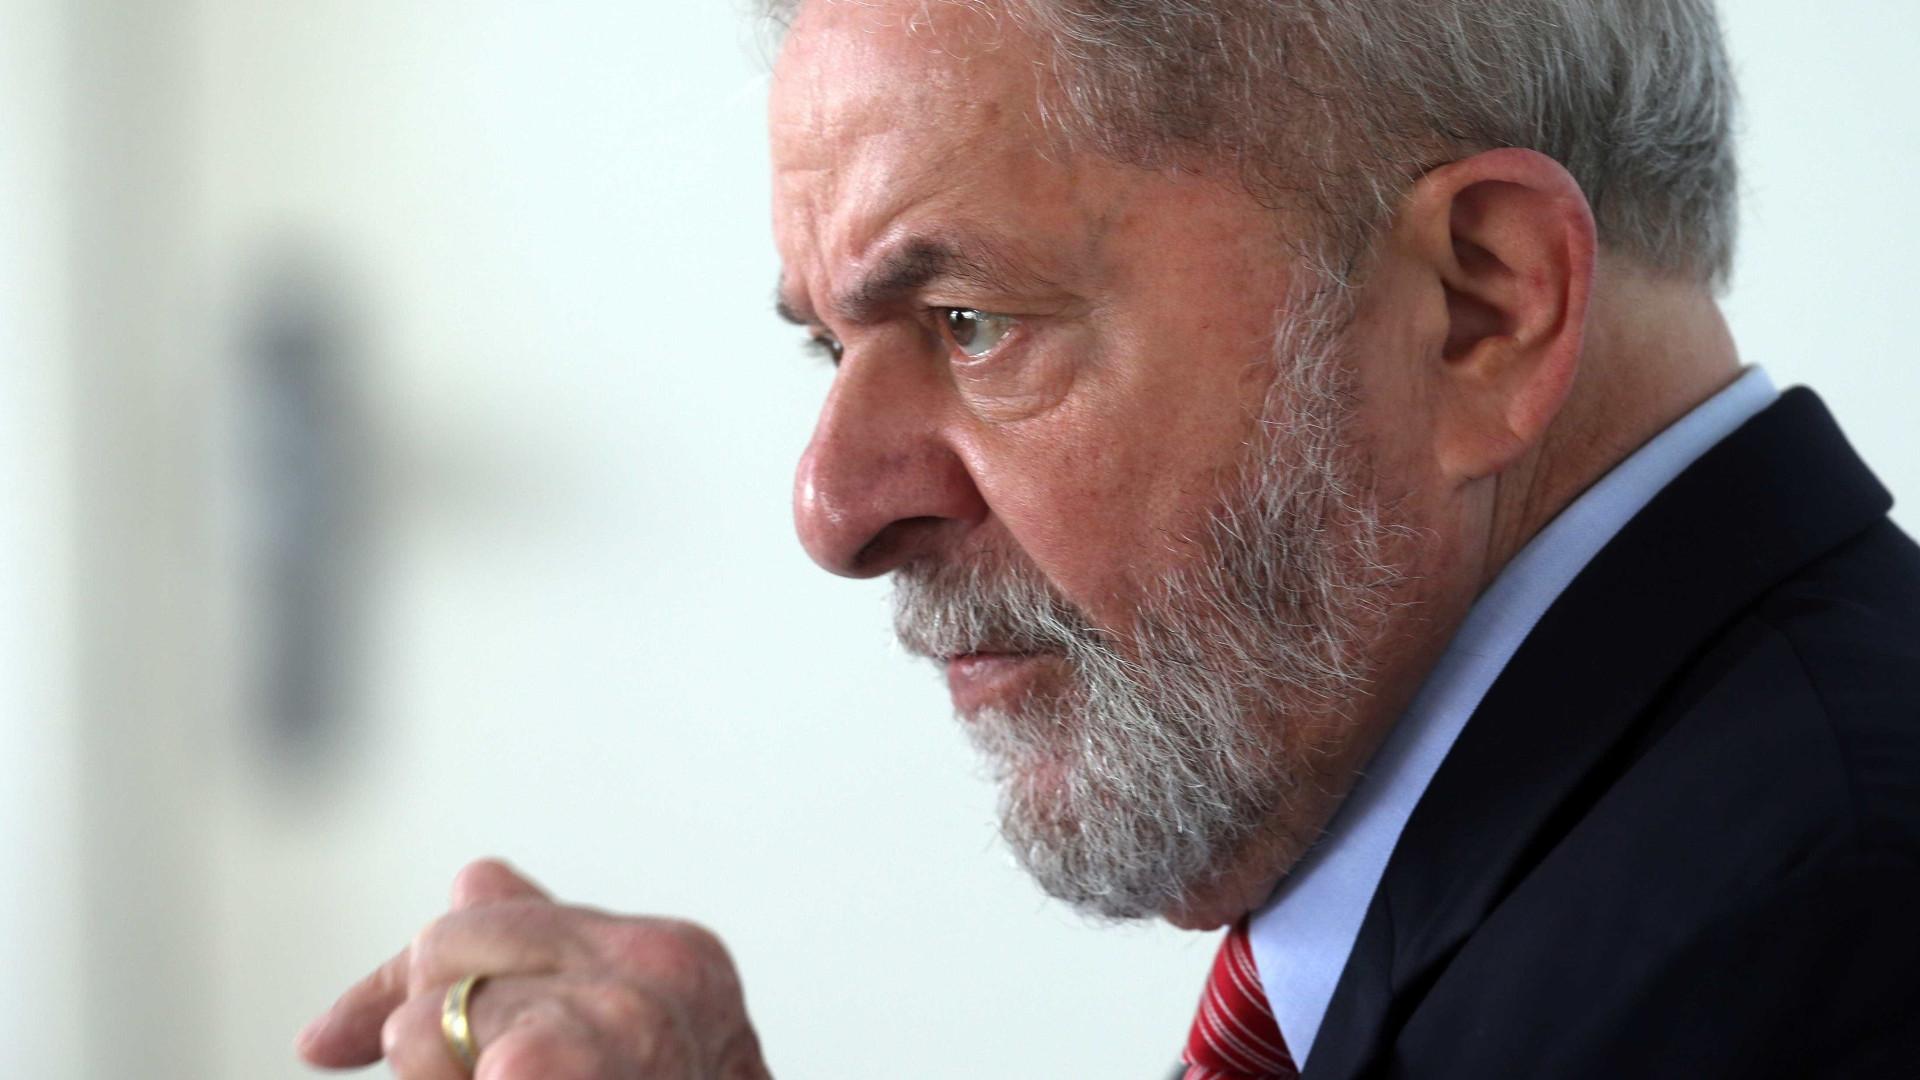 STJ defende rejeição de pedido de Lula para mudar regime de prisão